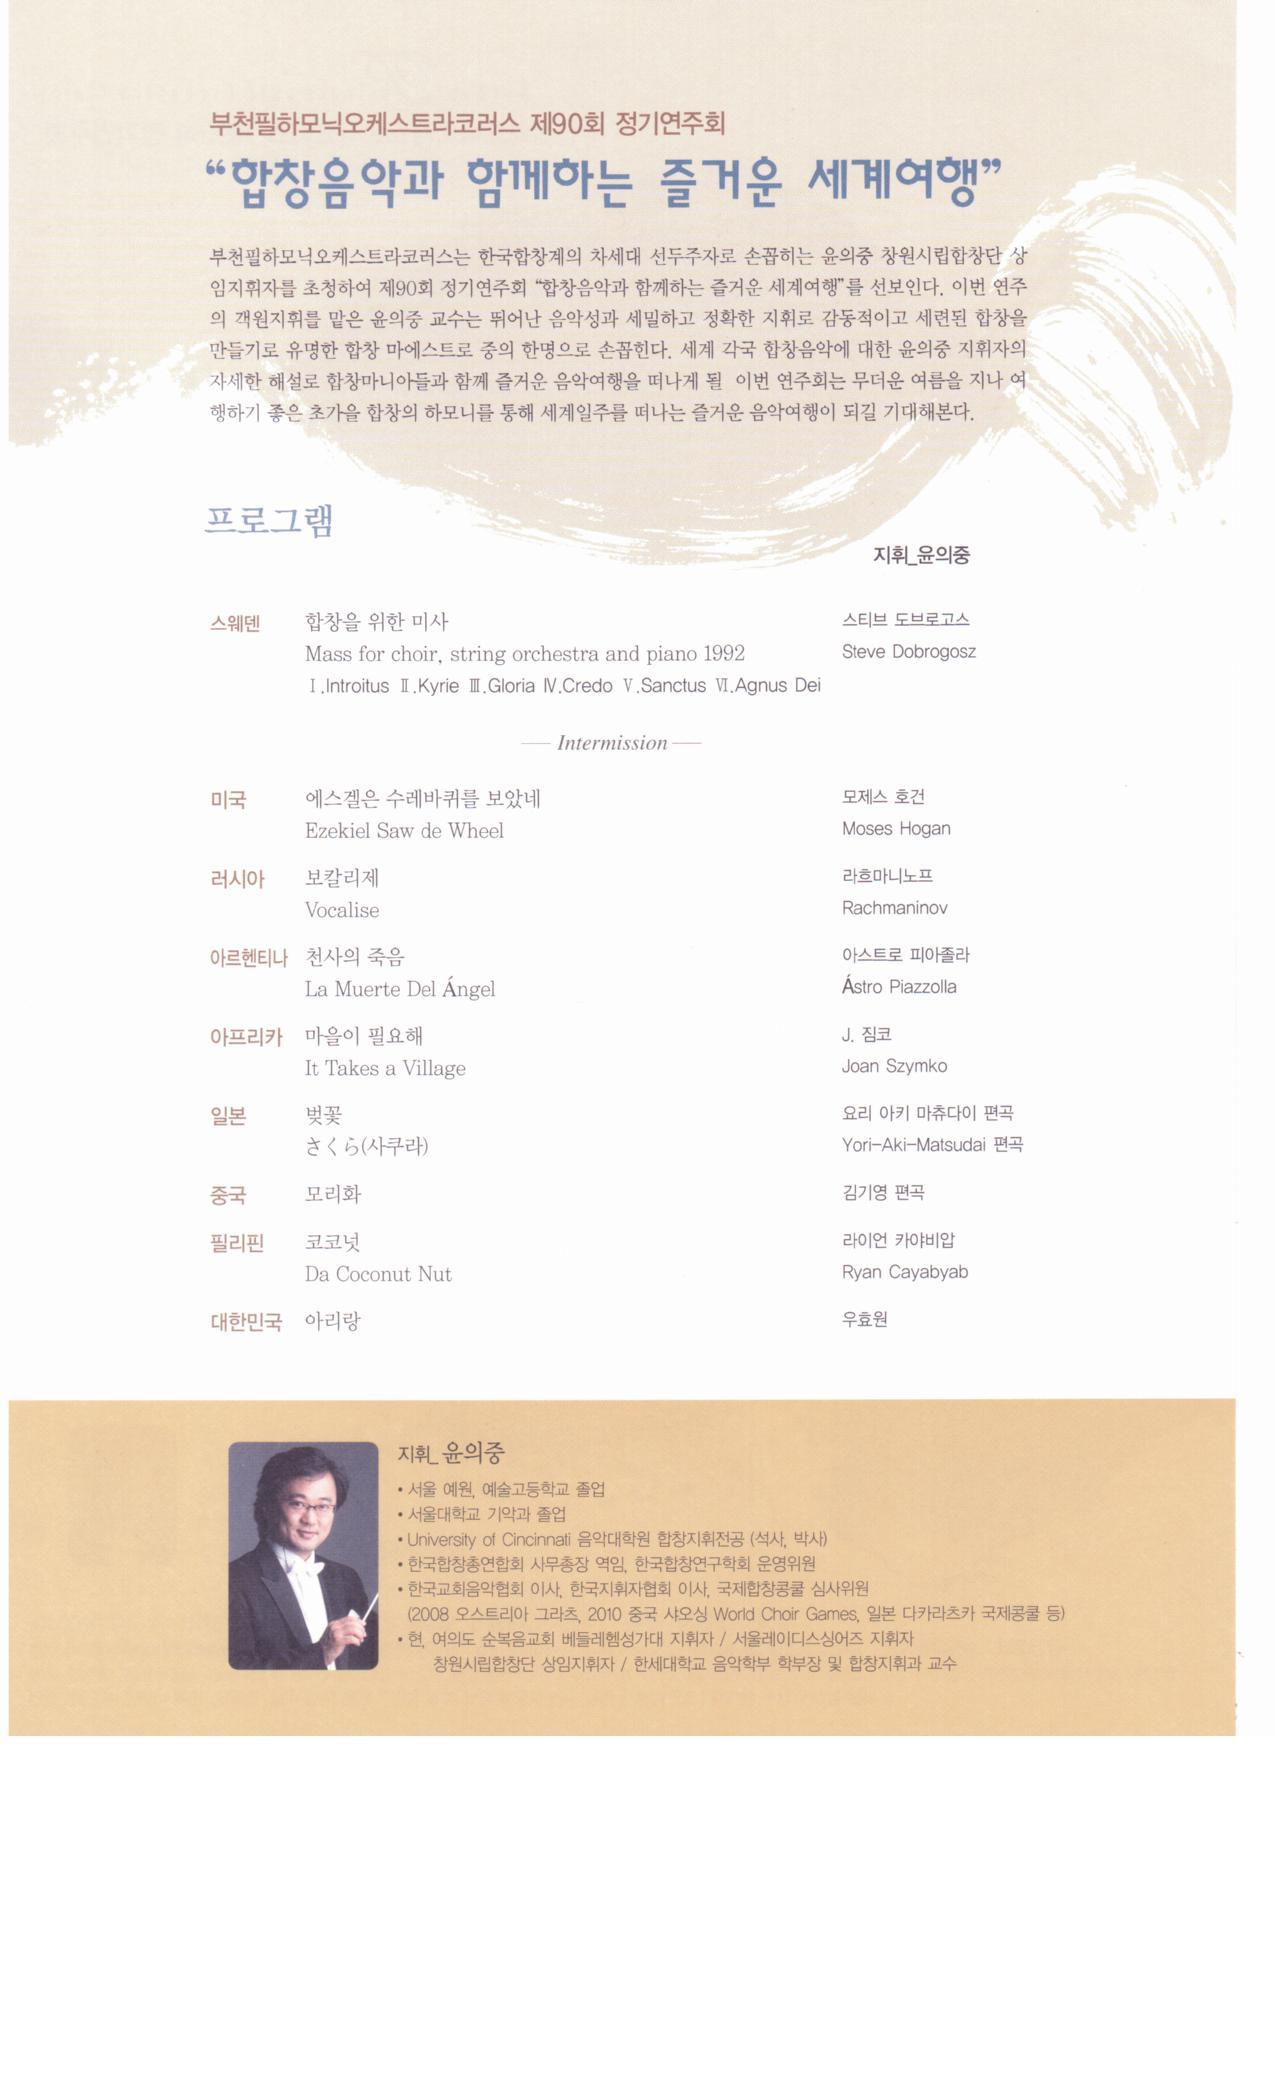 부천필 정기연주-2.jpg